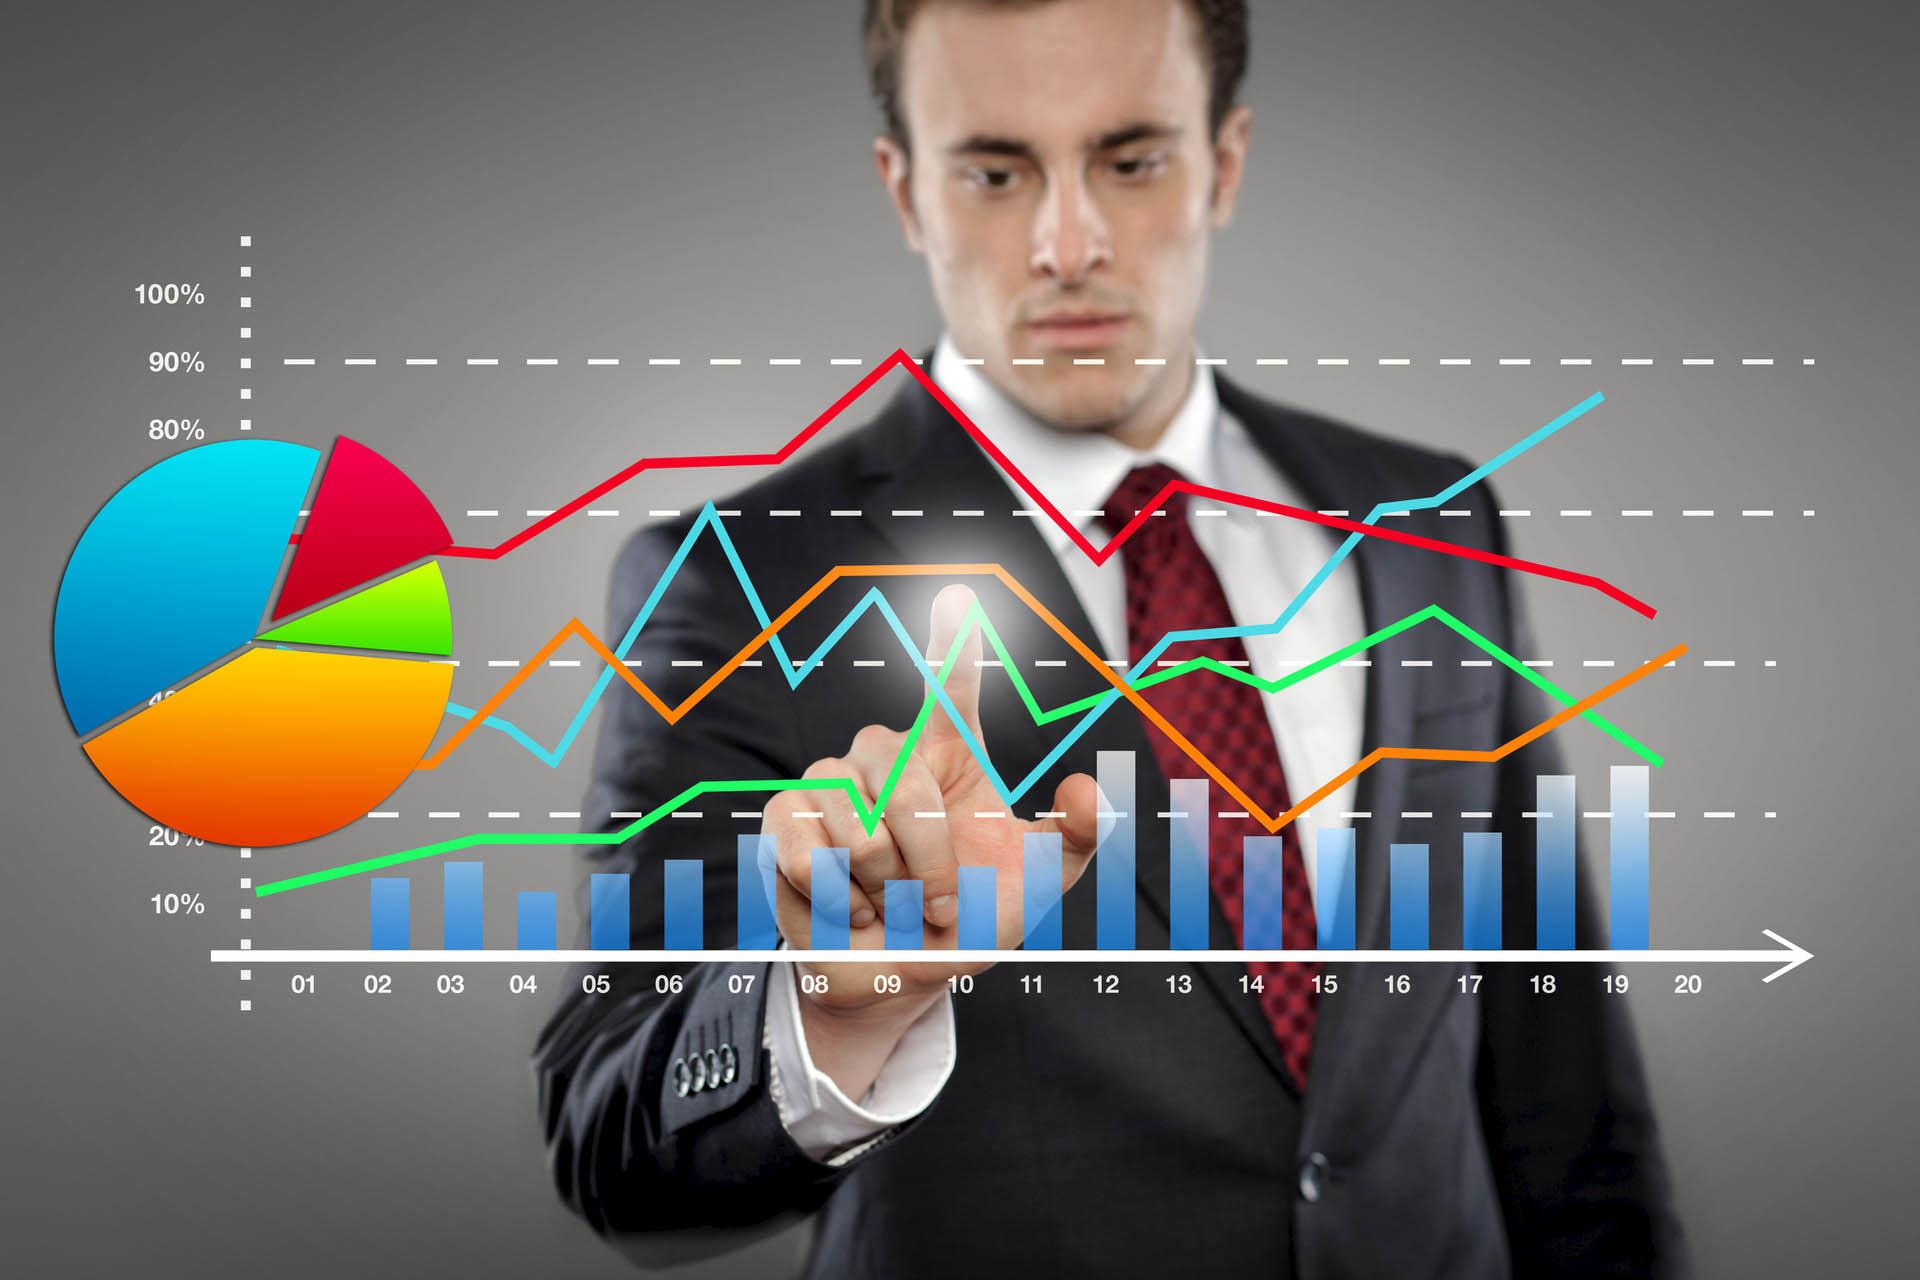 Вебинар: Систематизация бизнеса или как понять, что пора масштабироваться?